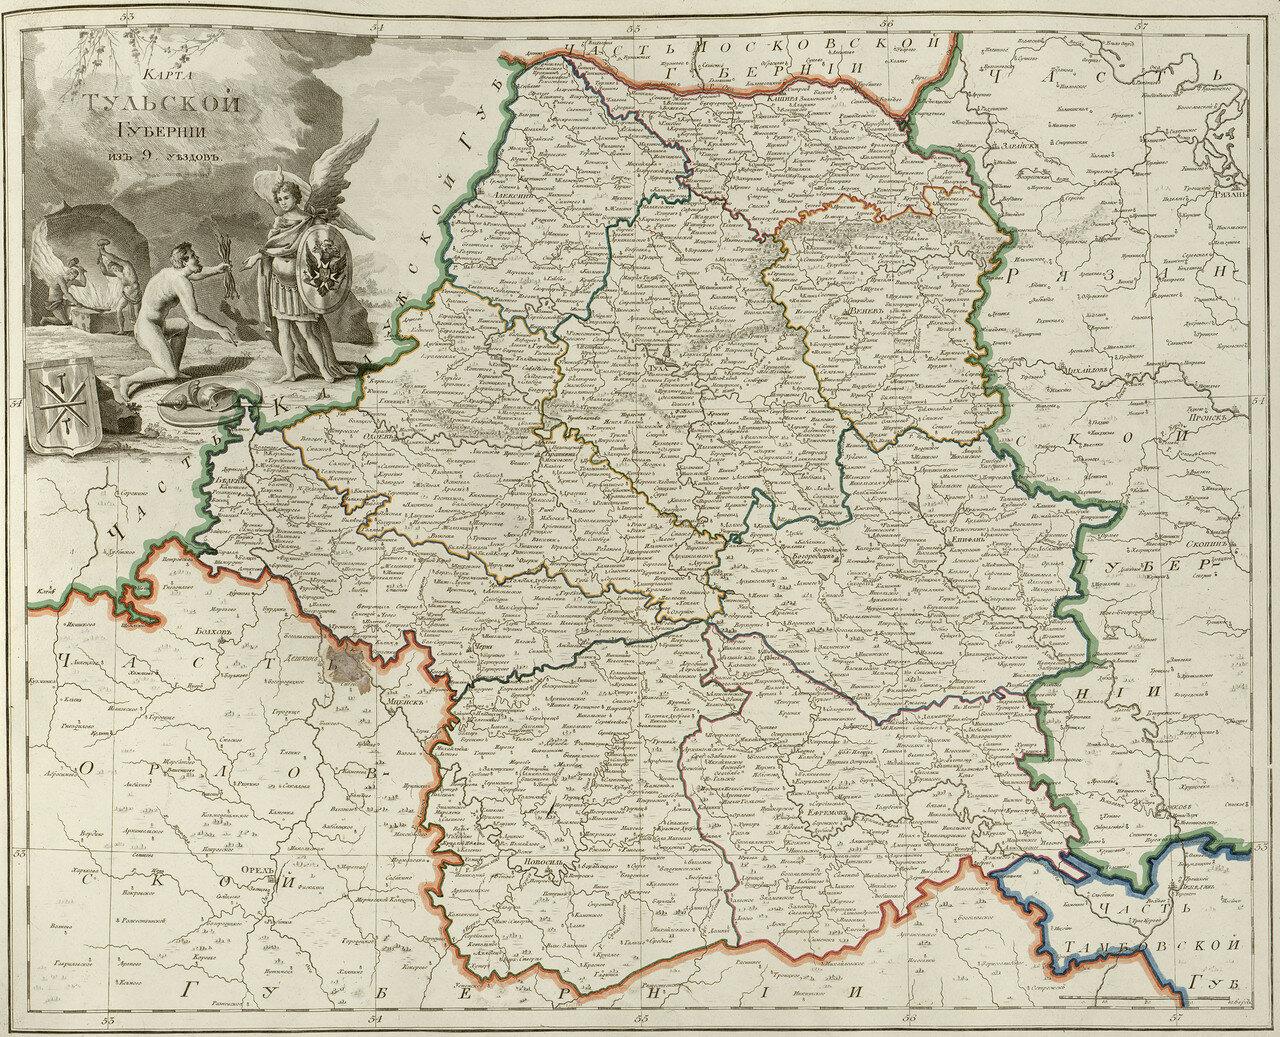 24. Карта Тульской губернии